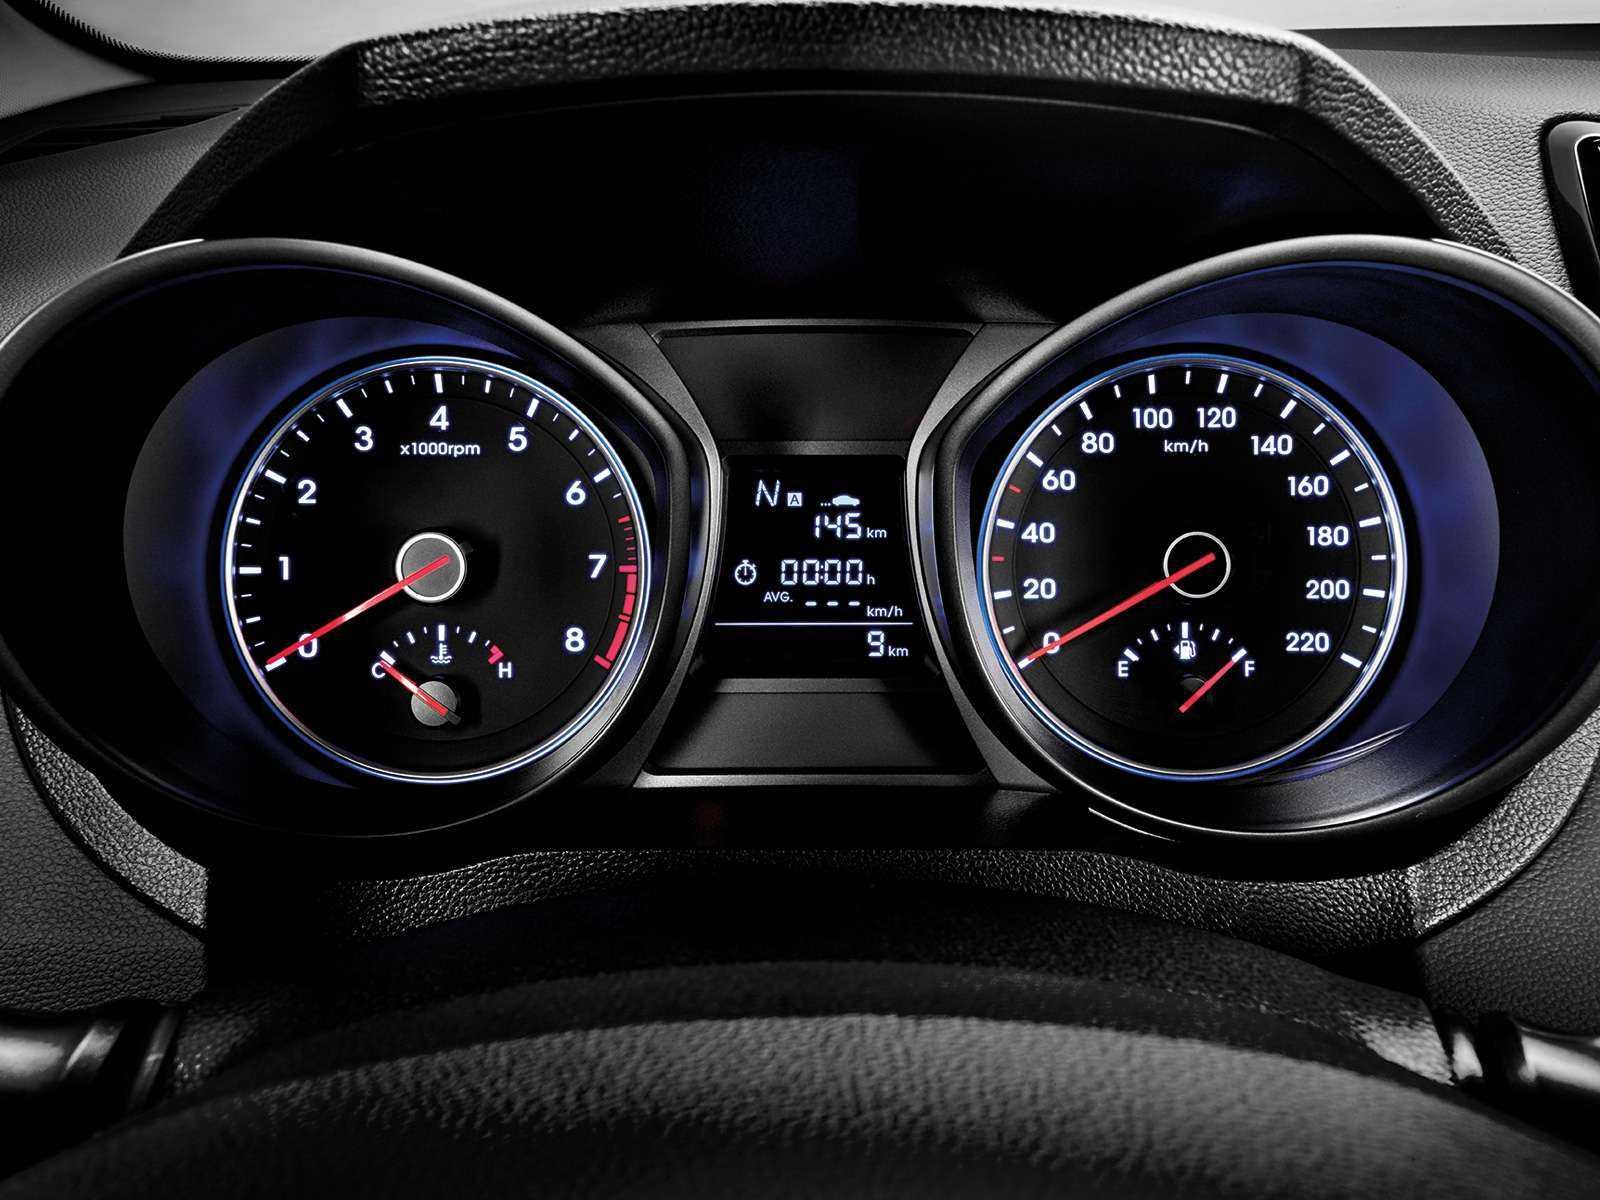 HyundaiHB20 2019 - painel de instrumentos